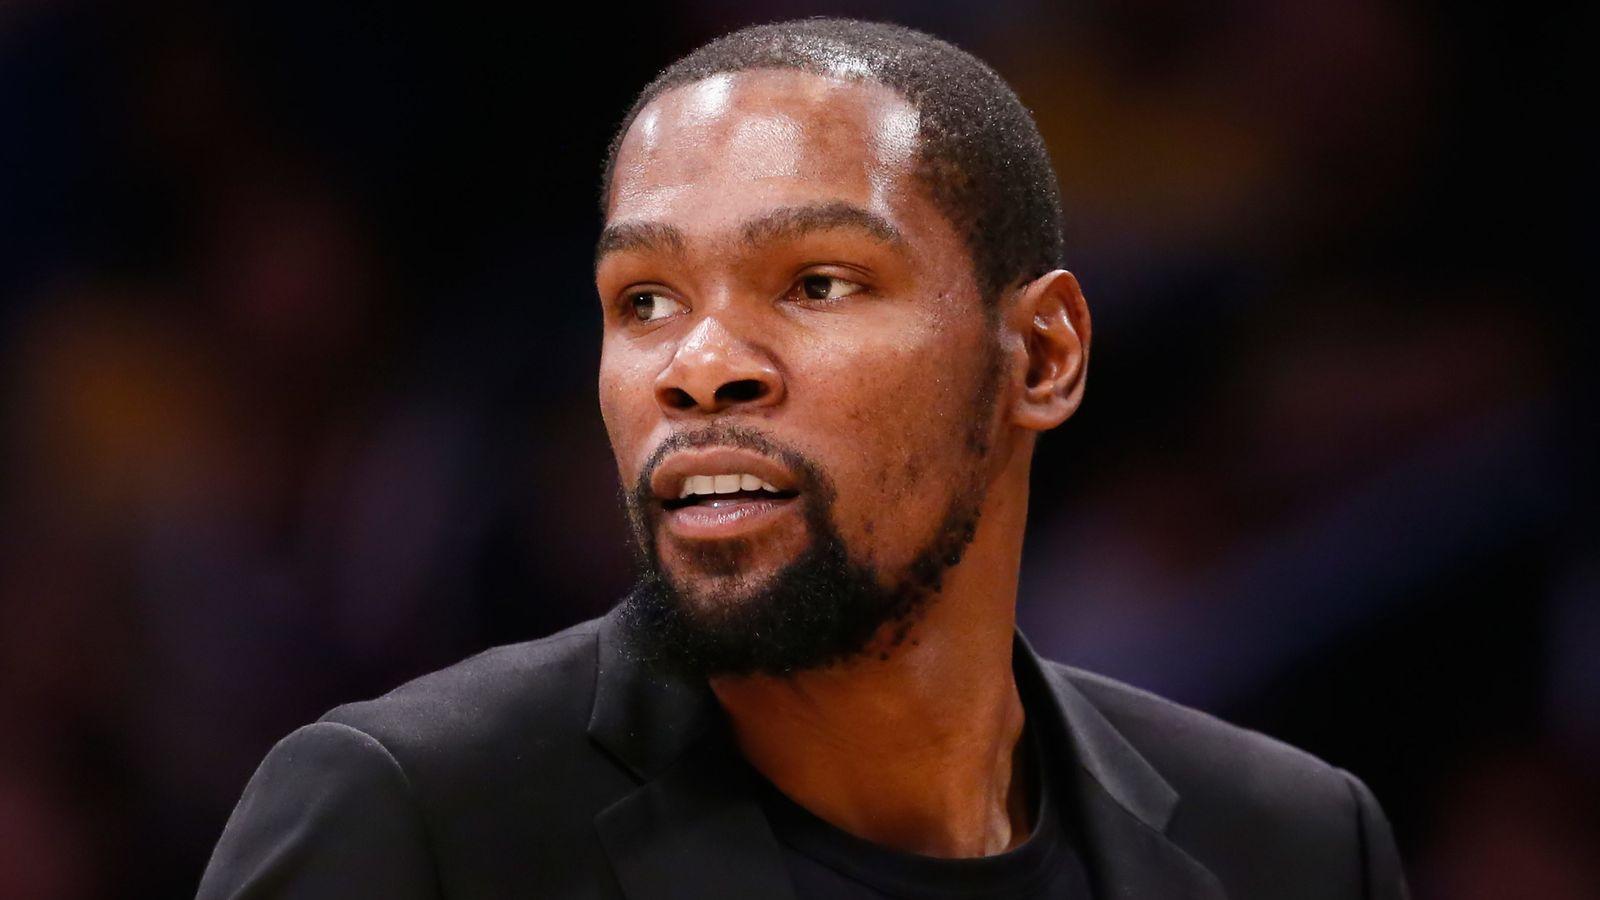 Kevin Durant hace que el regreso a fines de temporada 'no sea muy realista', dice Rich Kleiman | Noticias de la NBA 21